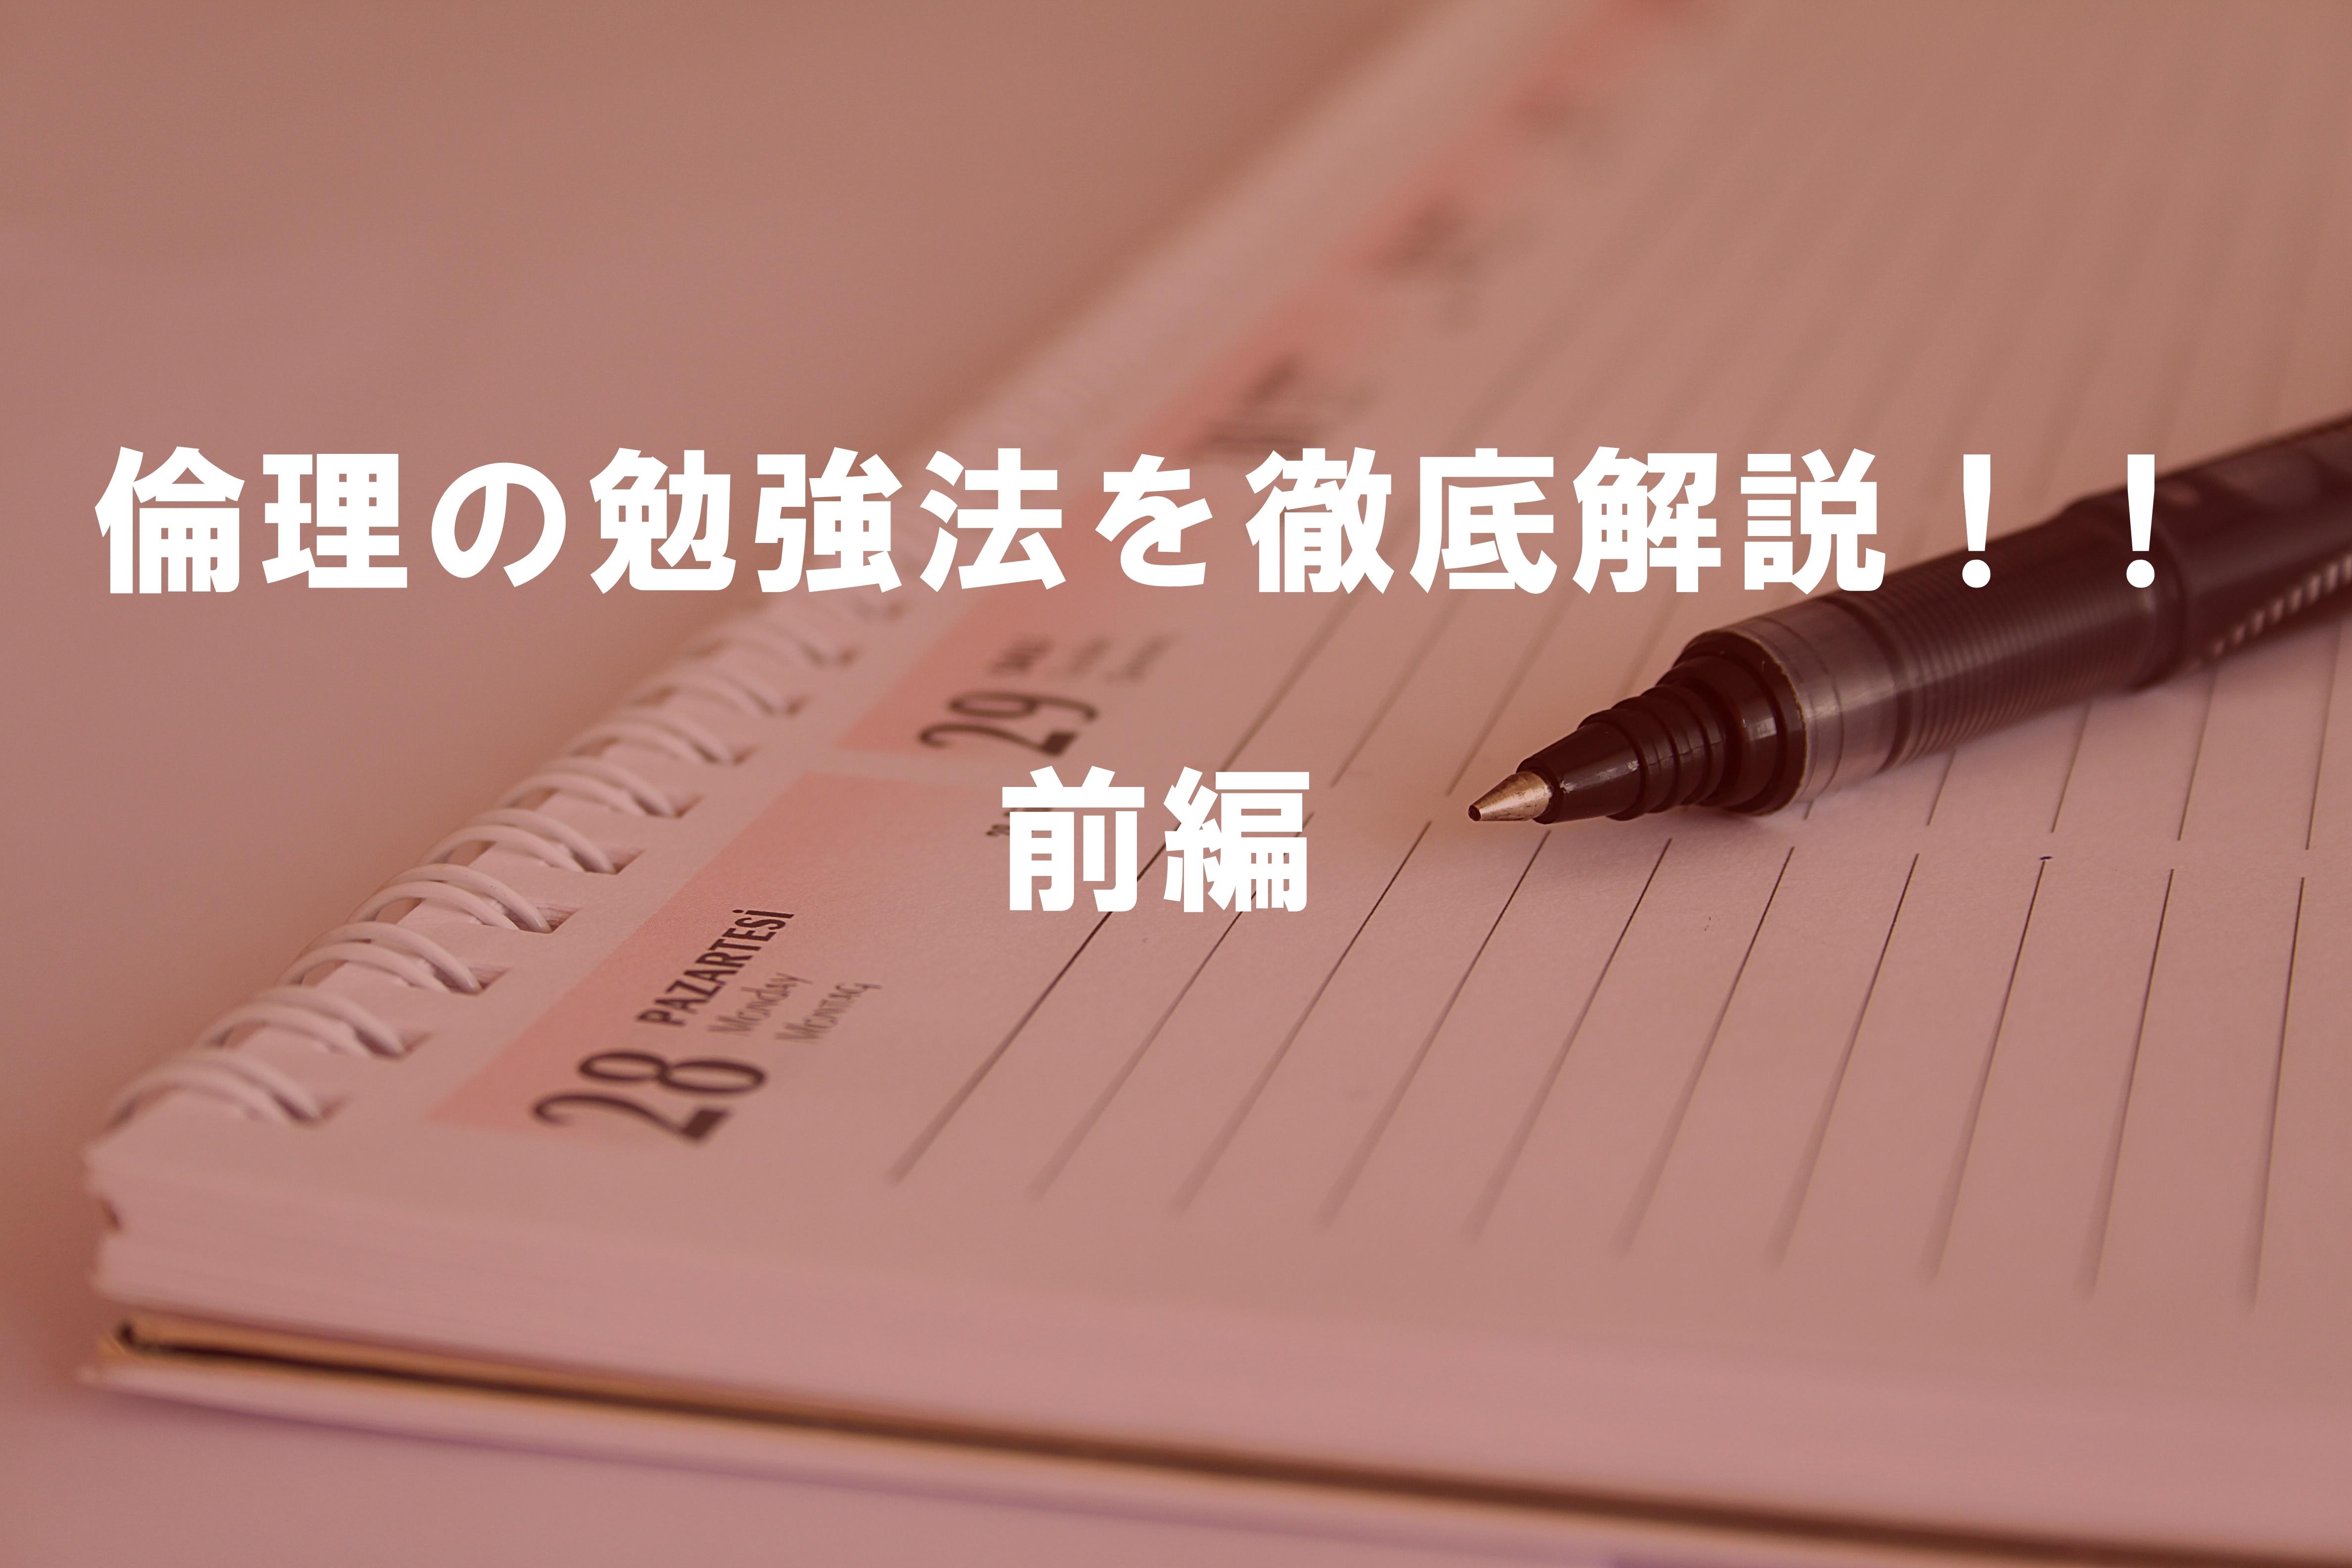 倫理の勉強法を徹底解説!!前編